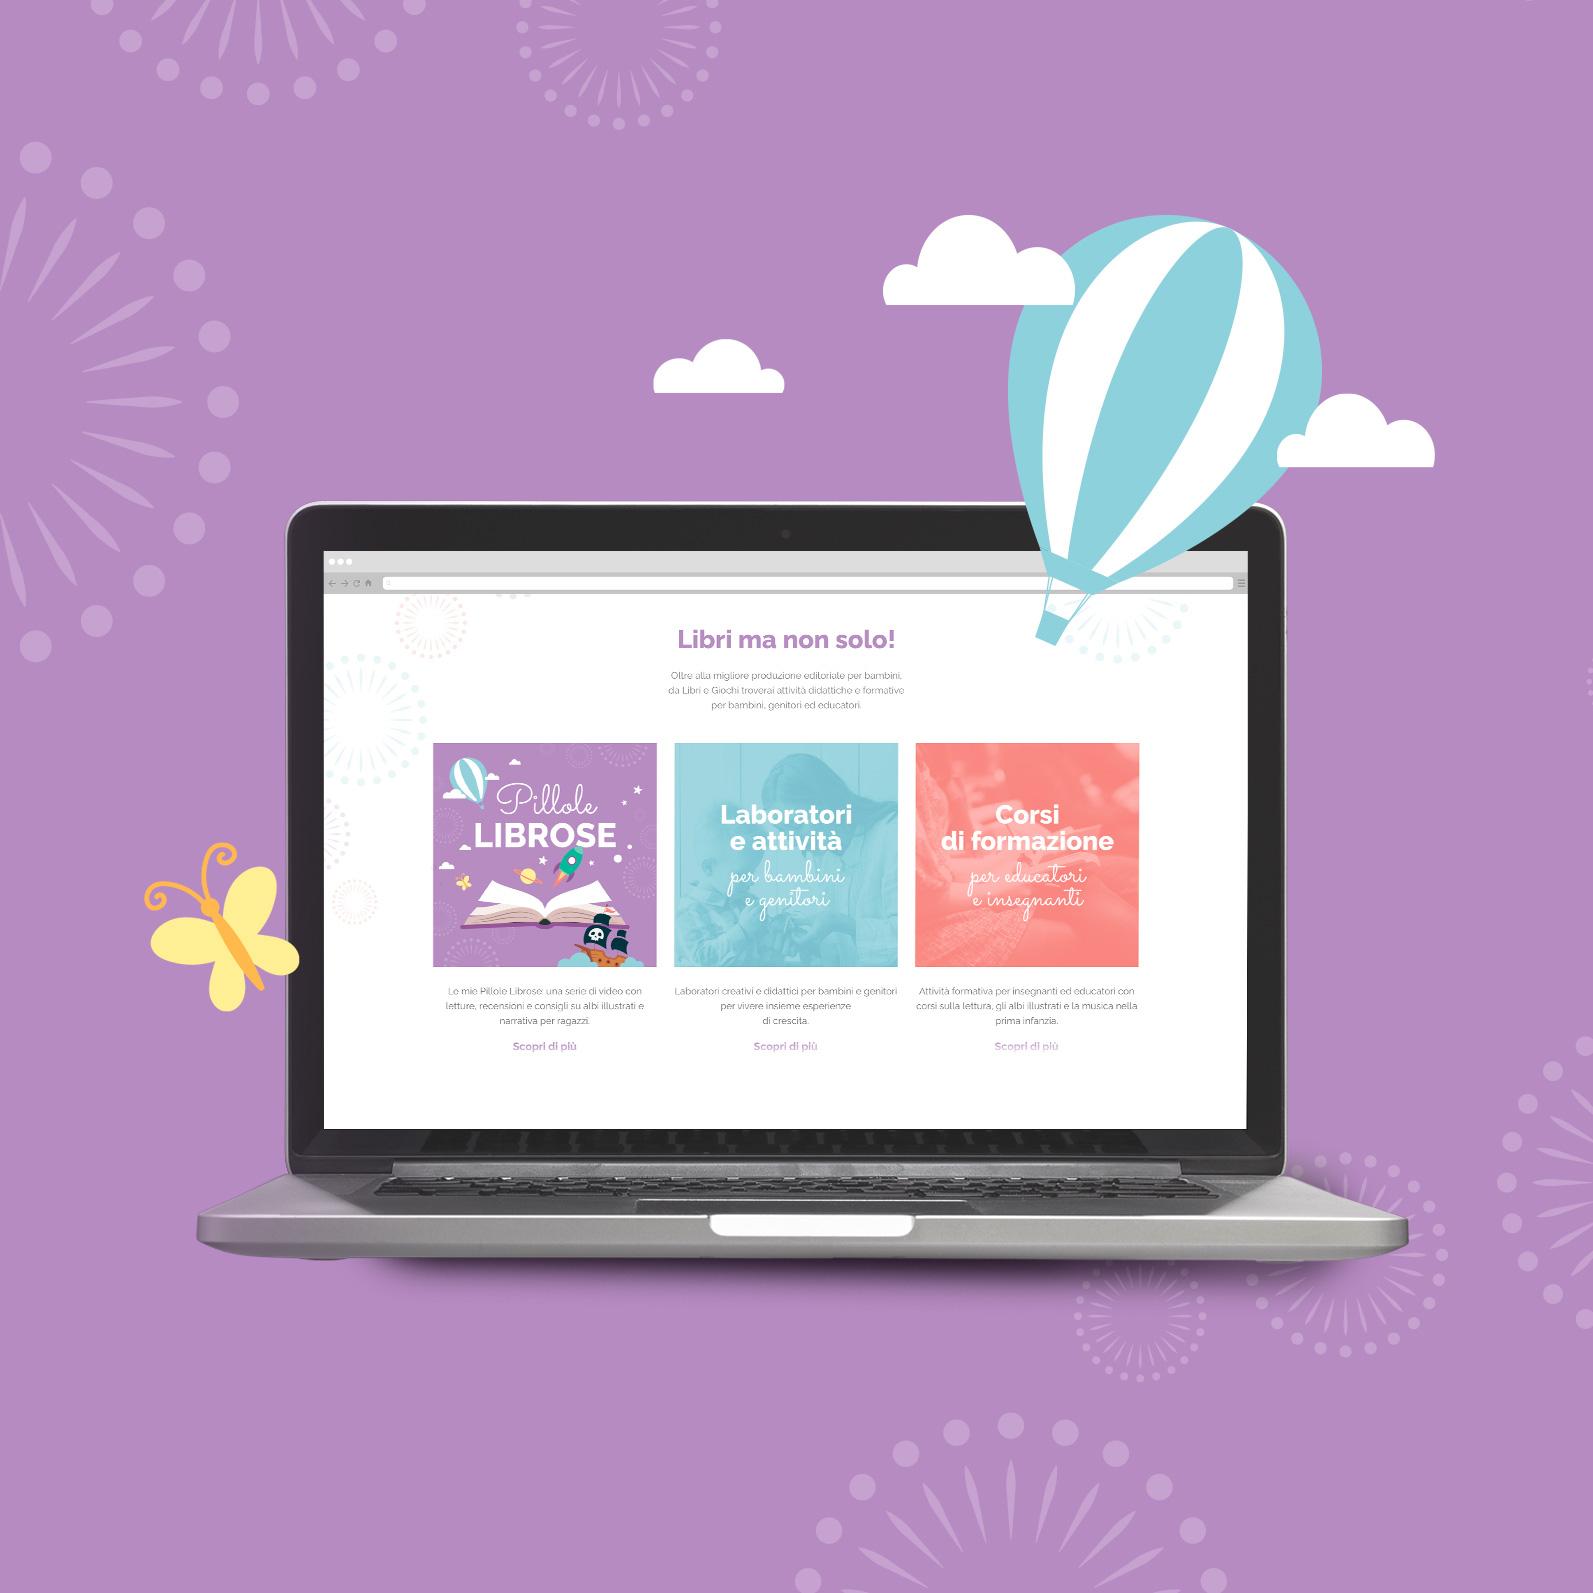 computer con sito web libreria Libri e Giochi su sfondo lilla e decori